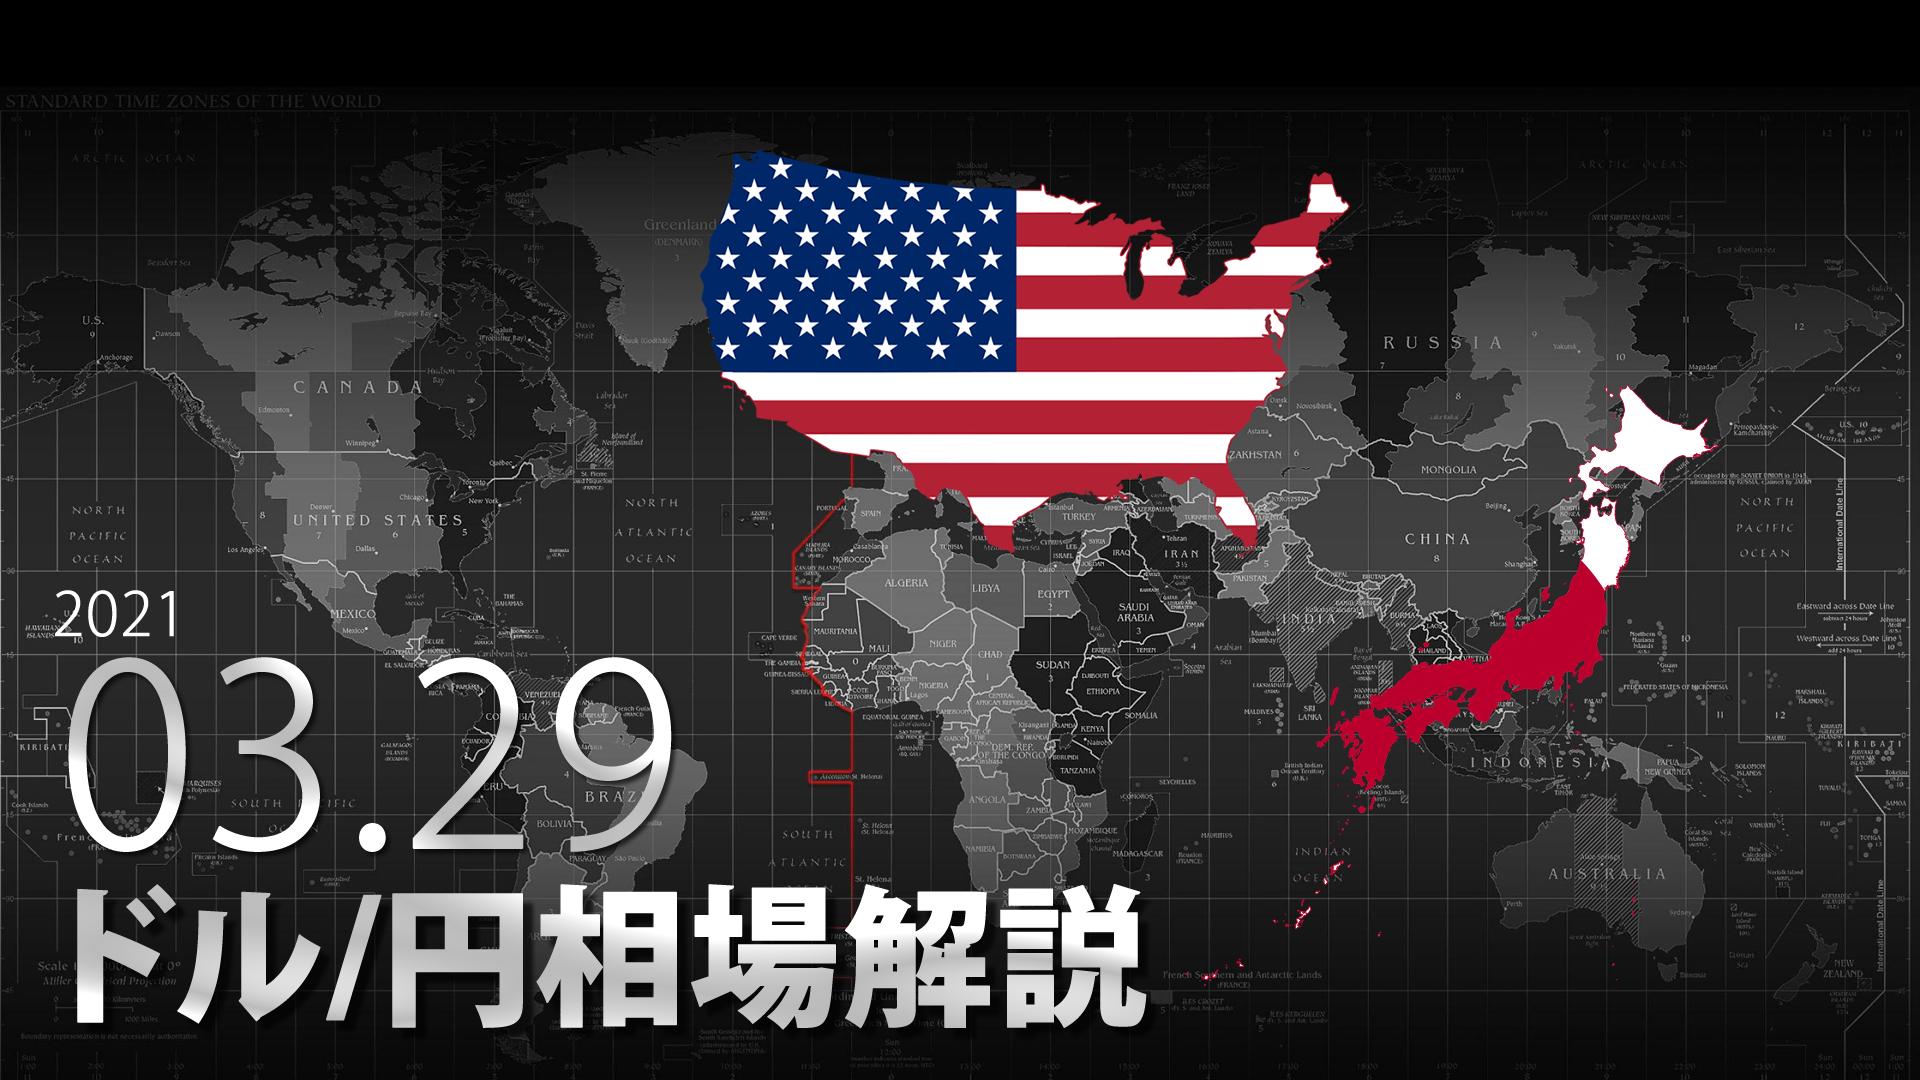 ドル円はレンジを上方にブレイクするも110円台を示現するには至らず